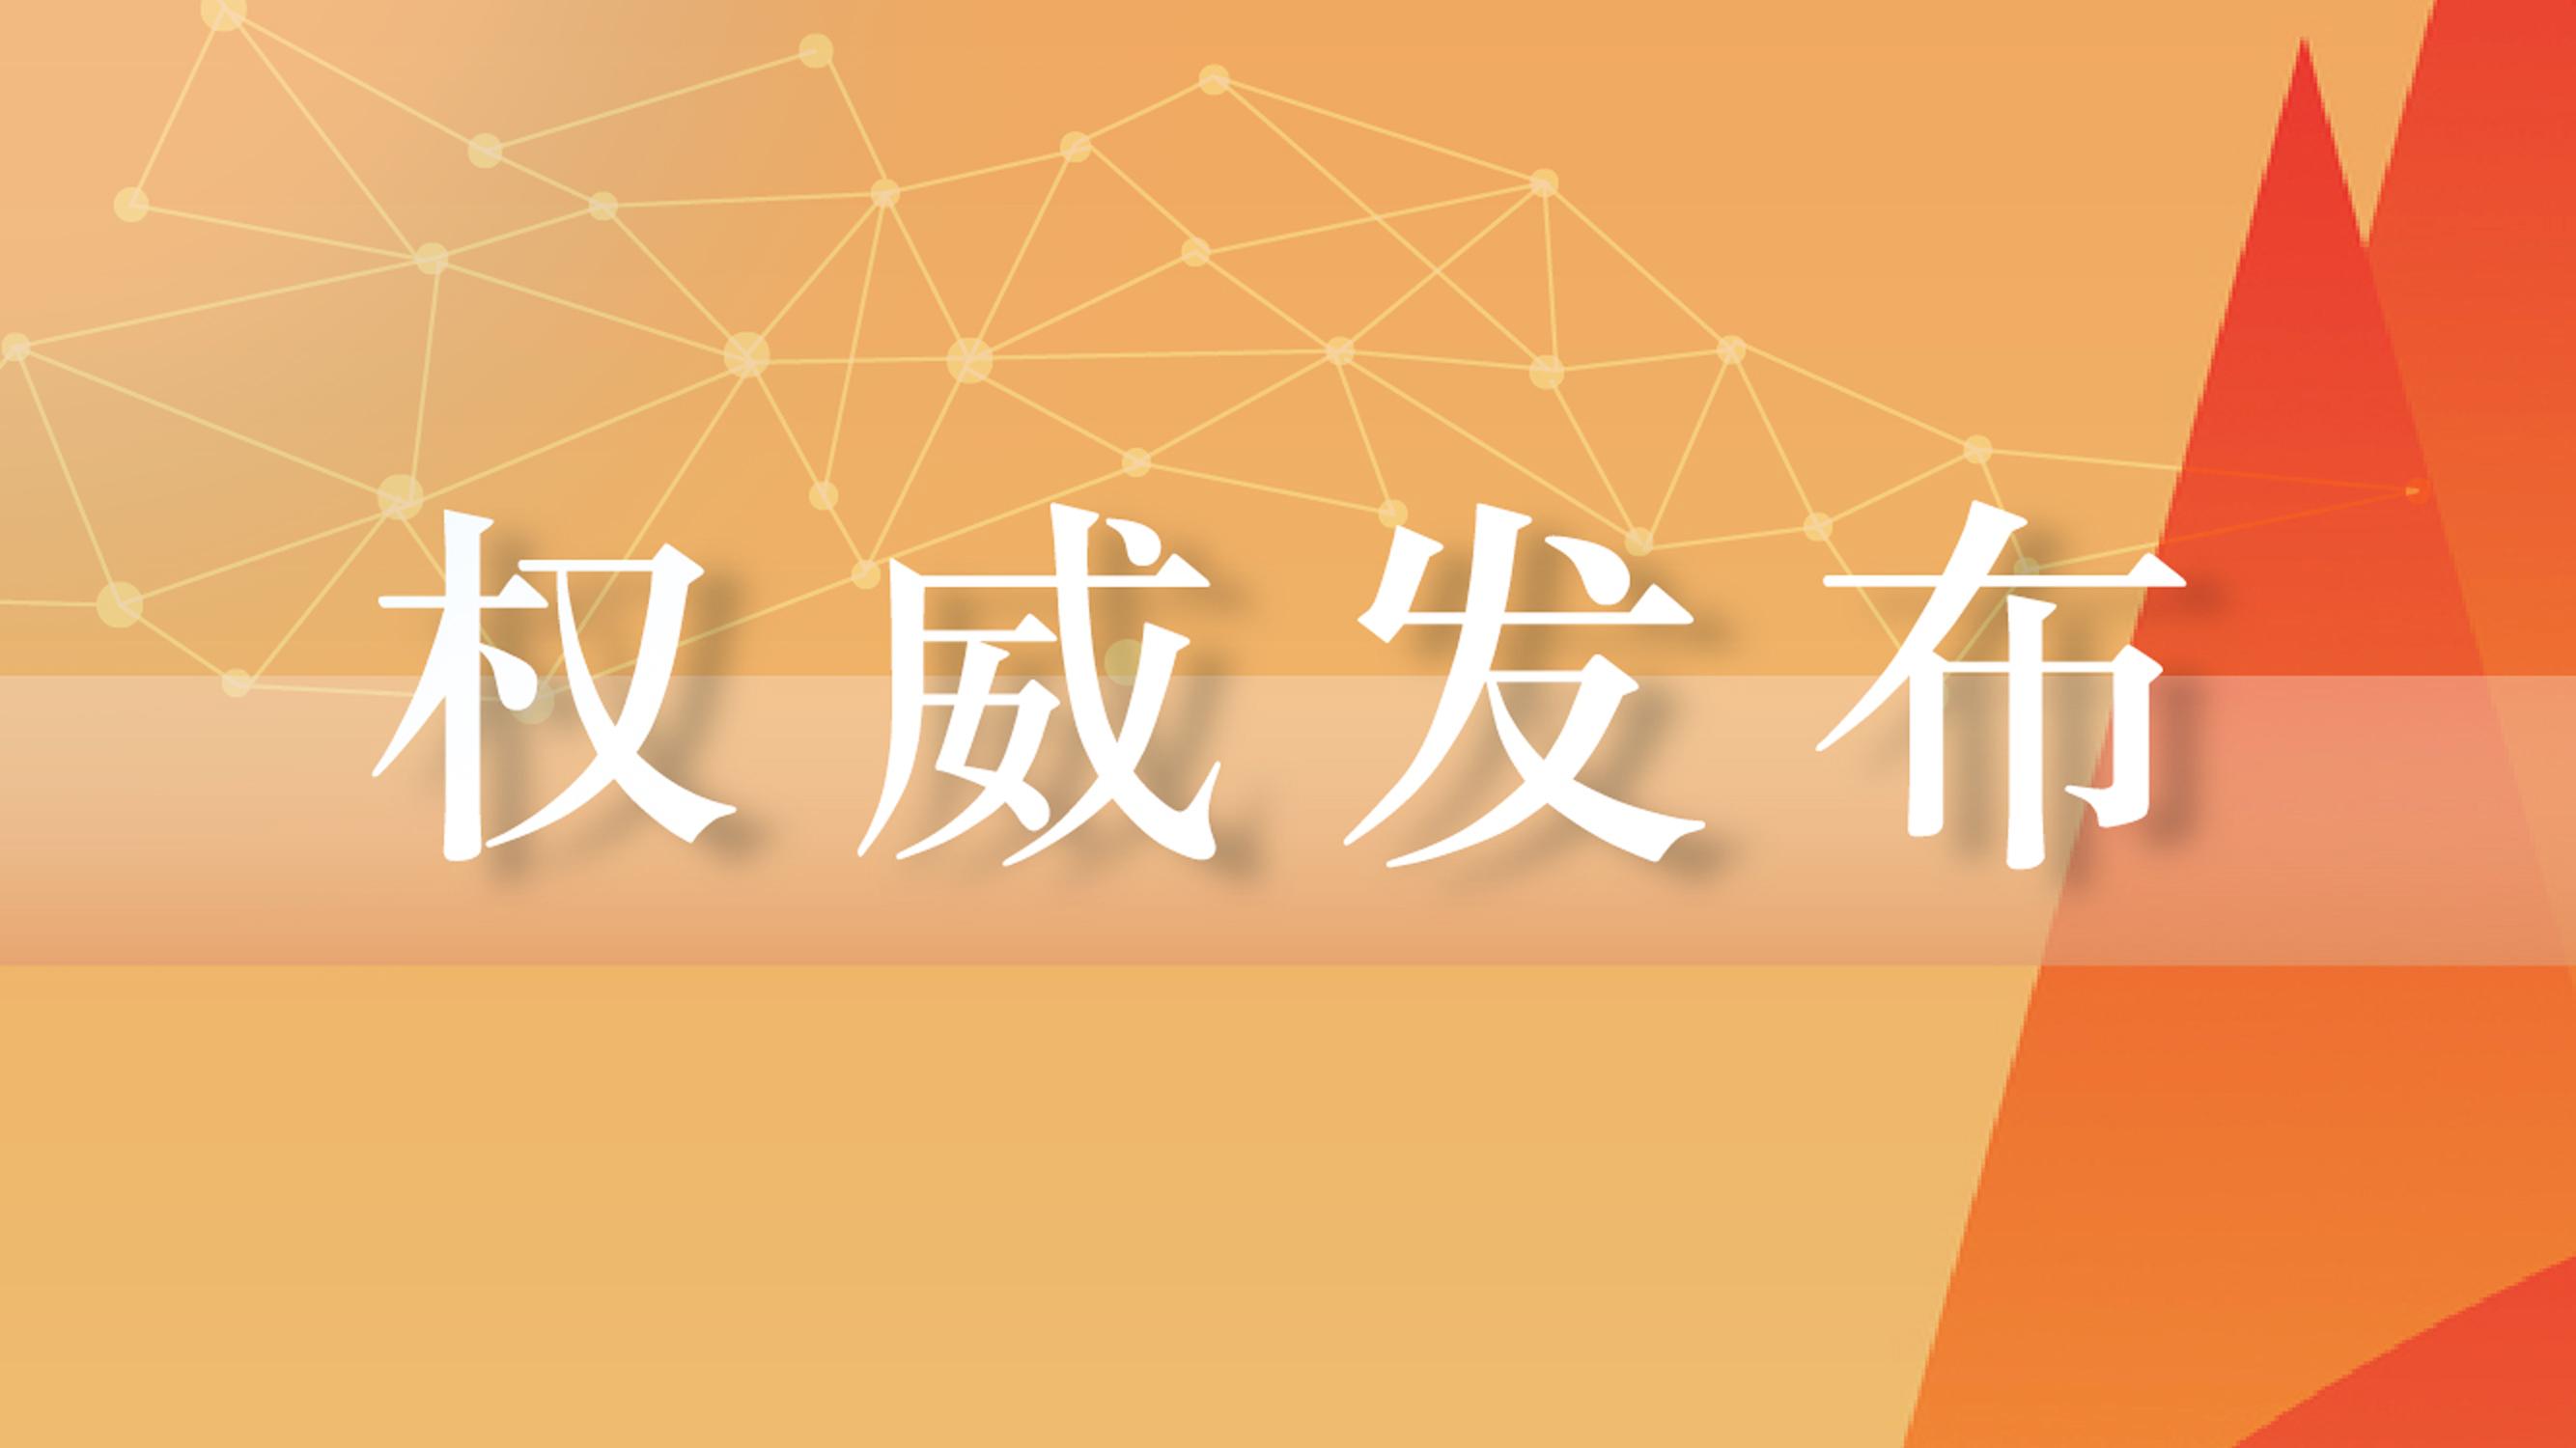 中国农业银行四川省分行培训学校校长陈伦刚 接受纪律审查和监察调查